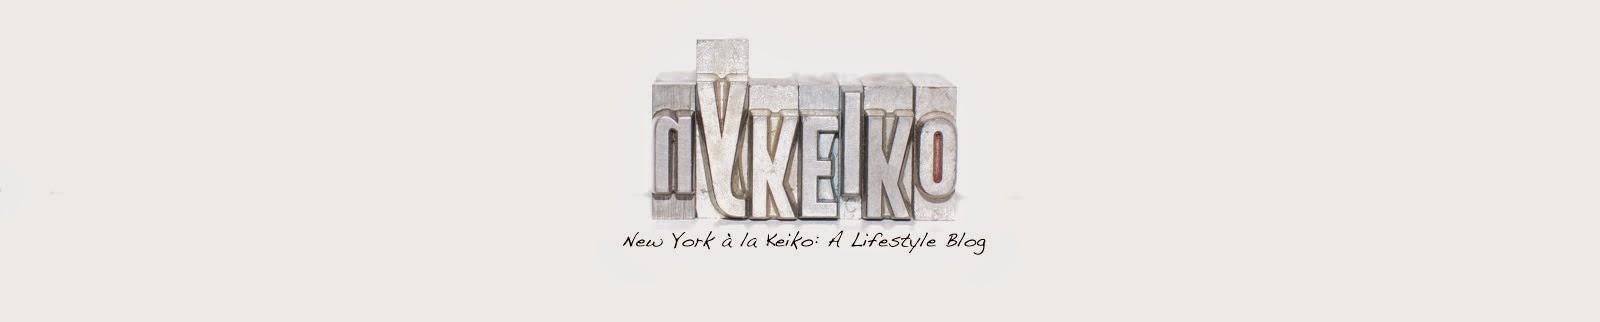 New York à la Keiko